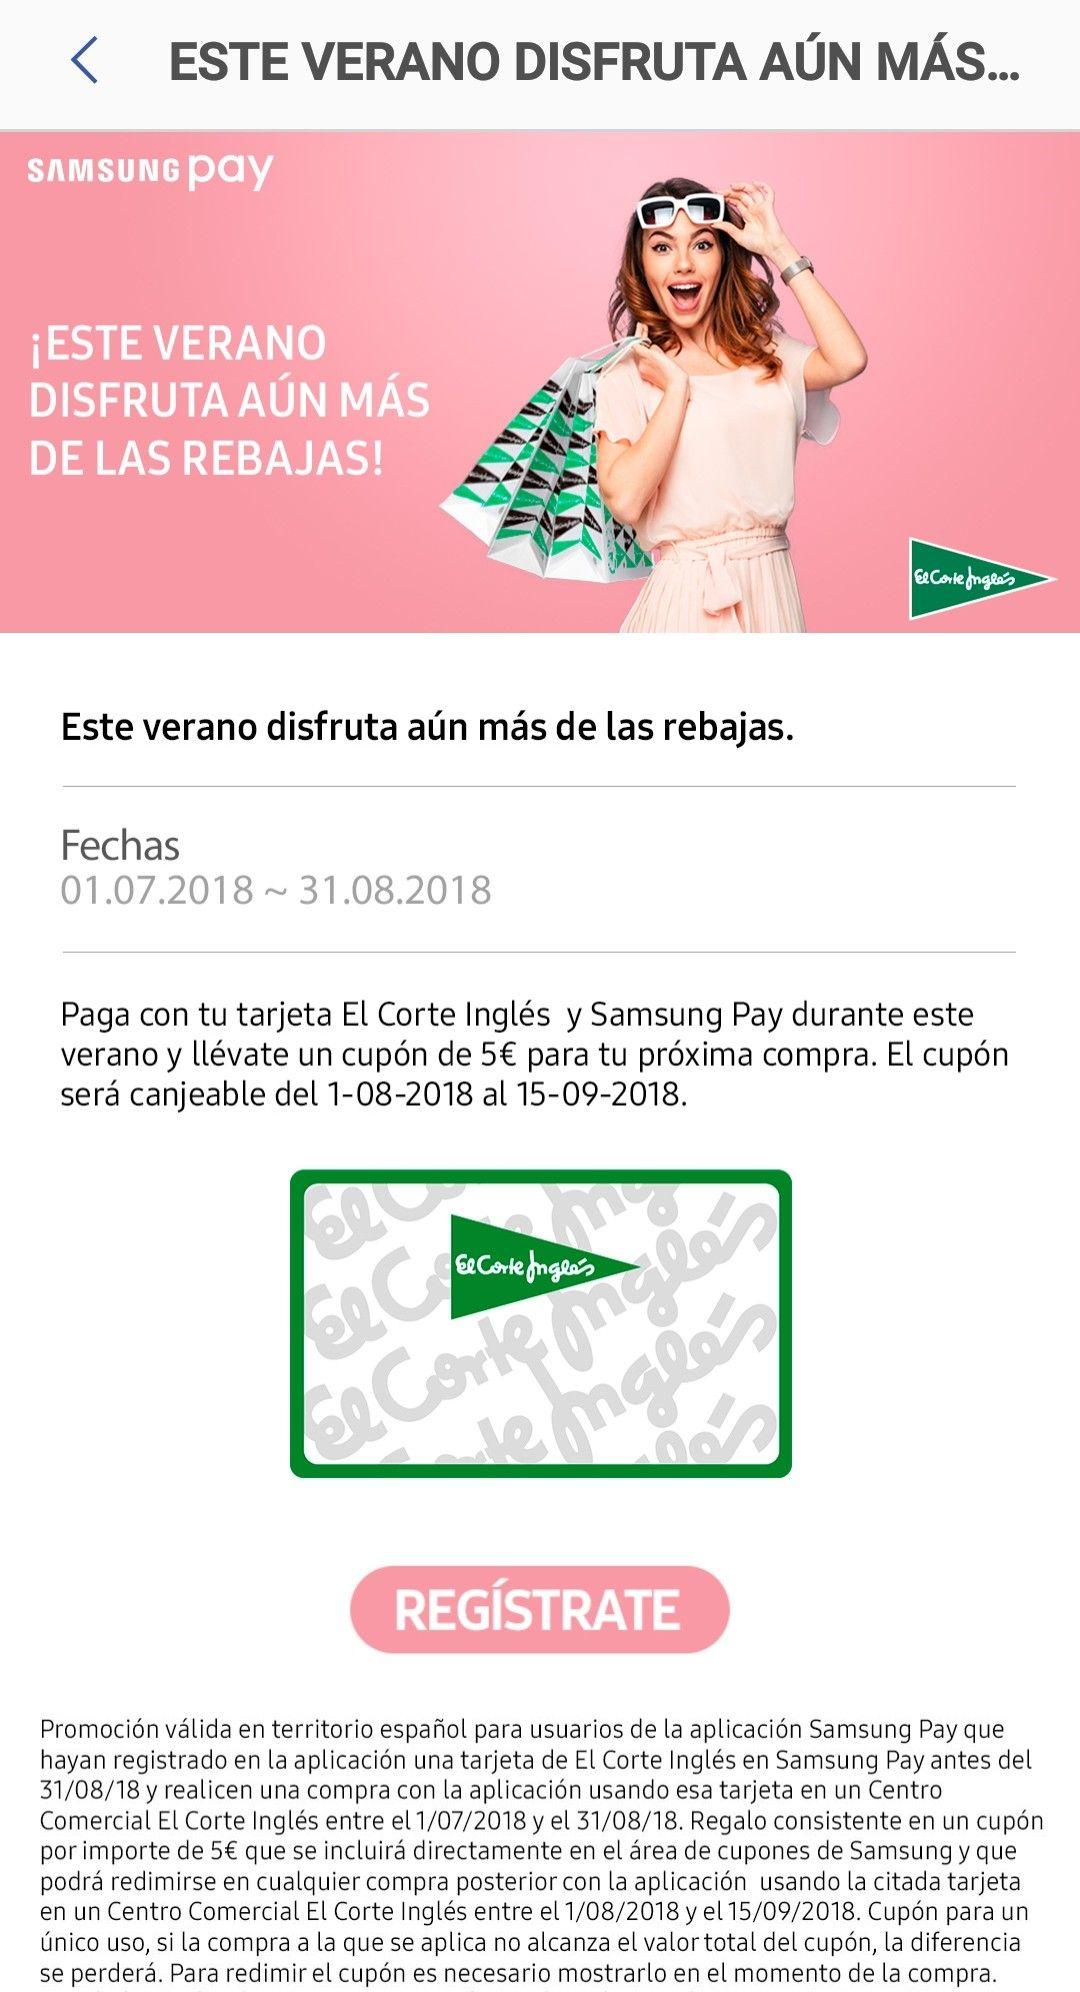 5€ Descuento en el Corte Ingles (Samsung Pay)